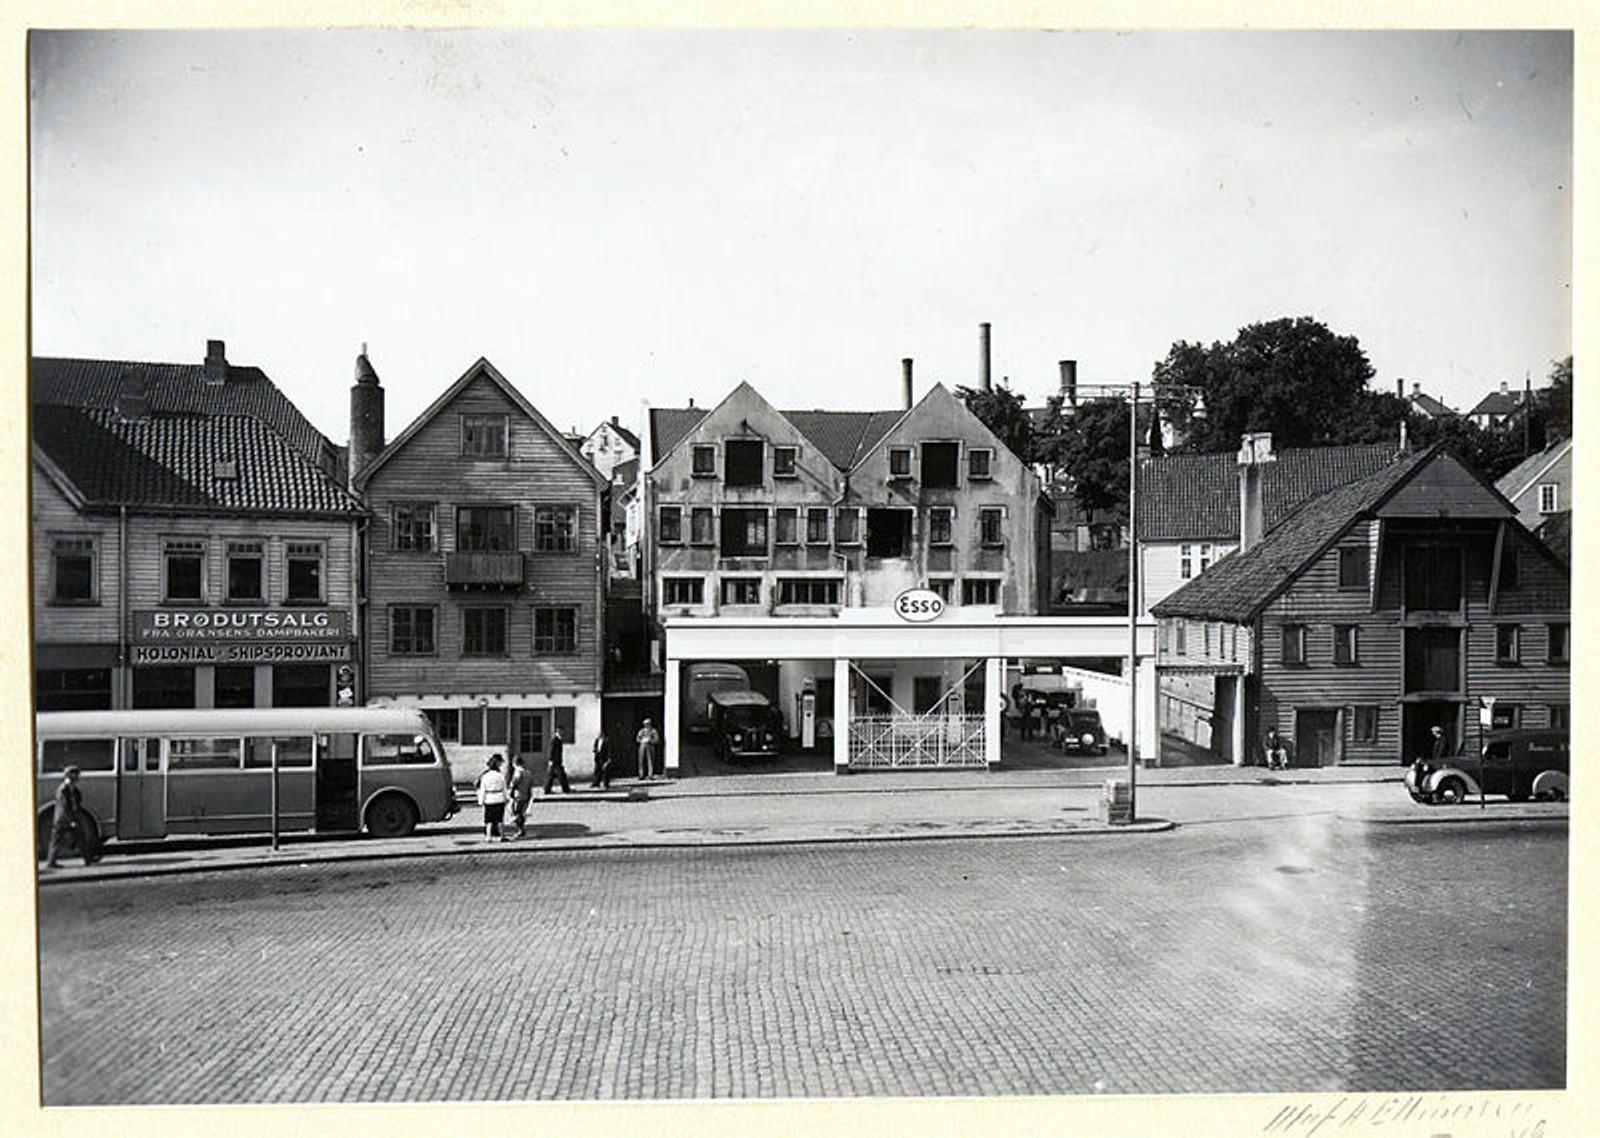 Denne bensinstasjonen lå i Stavanger, og bildet ble tatt rundt 1949.